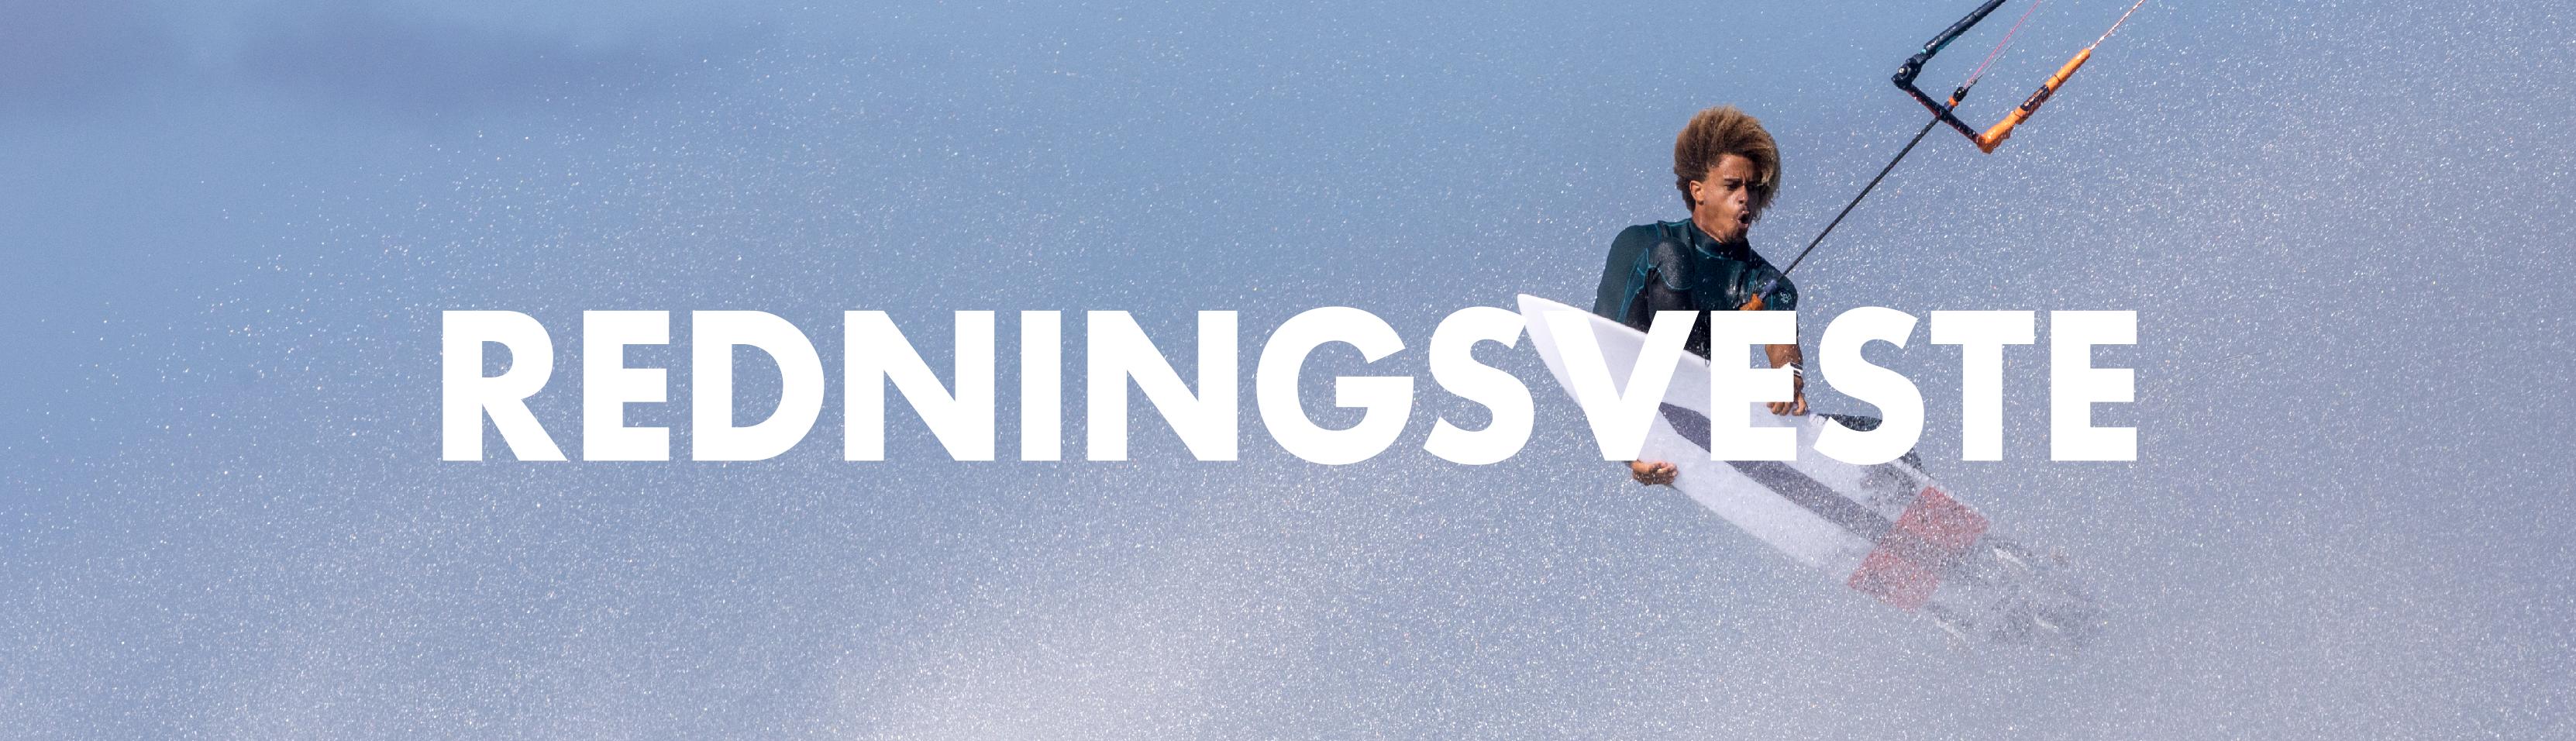 Surf og ski Horsens